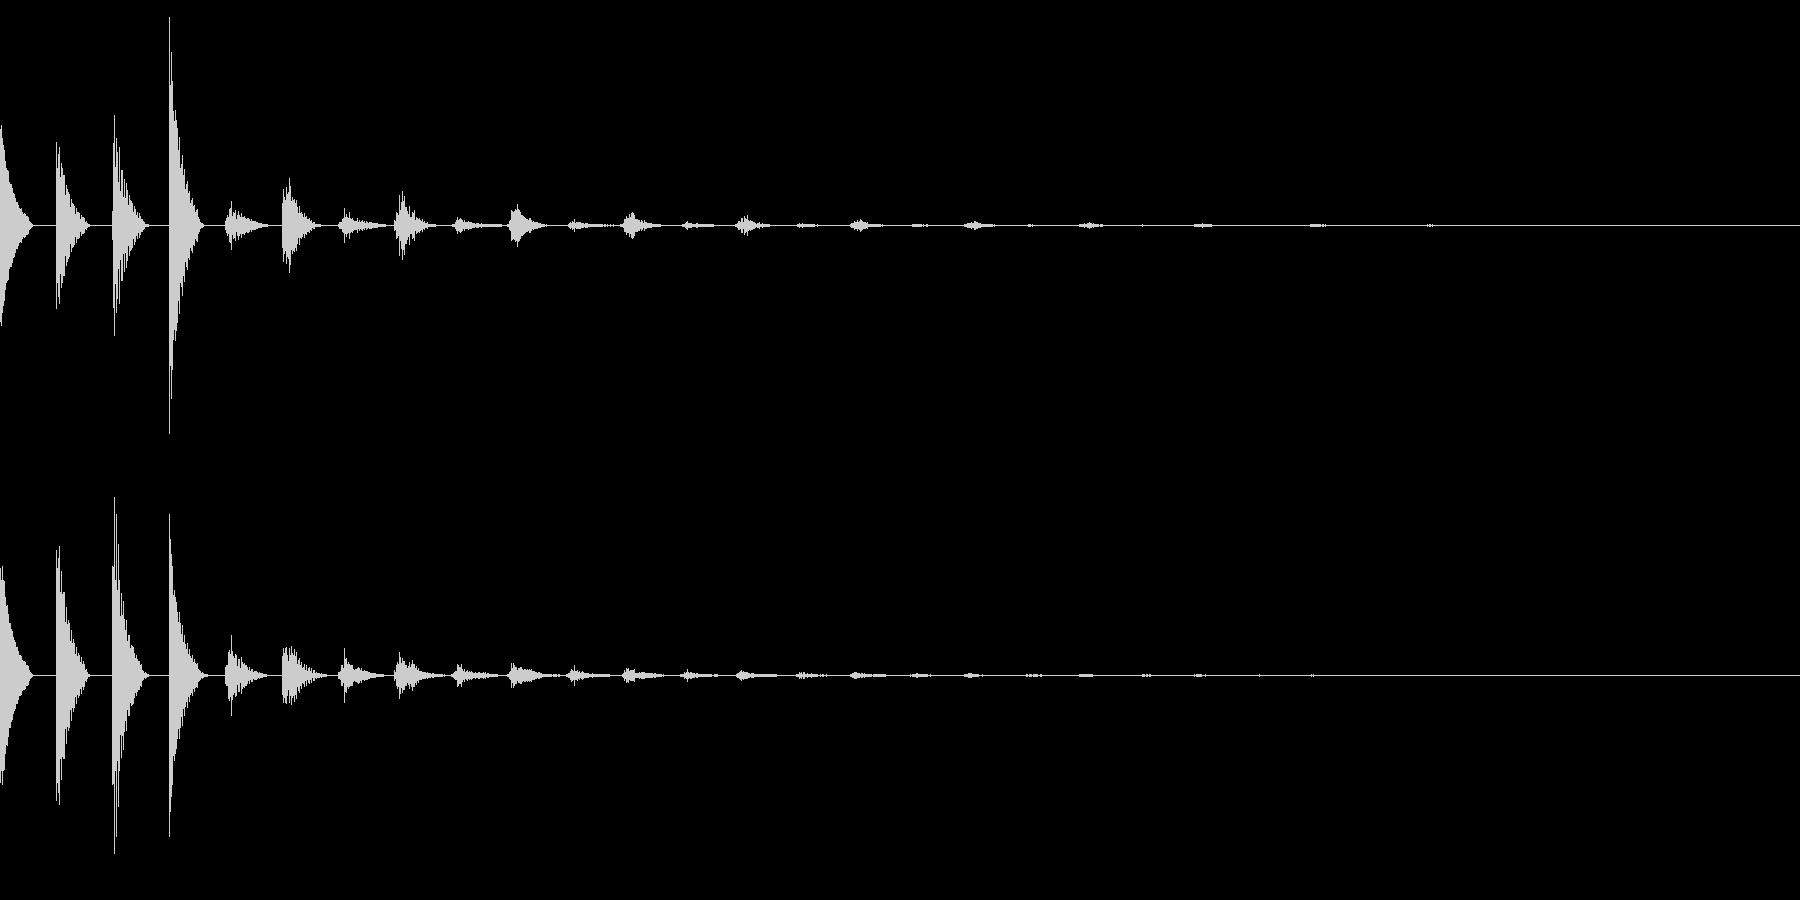 ピコピコSF宇宙なアンビエント/深海#2の未再生の波形